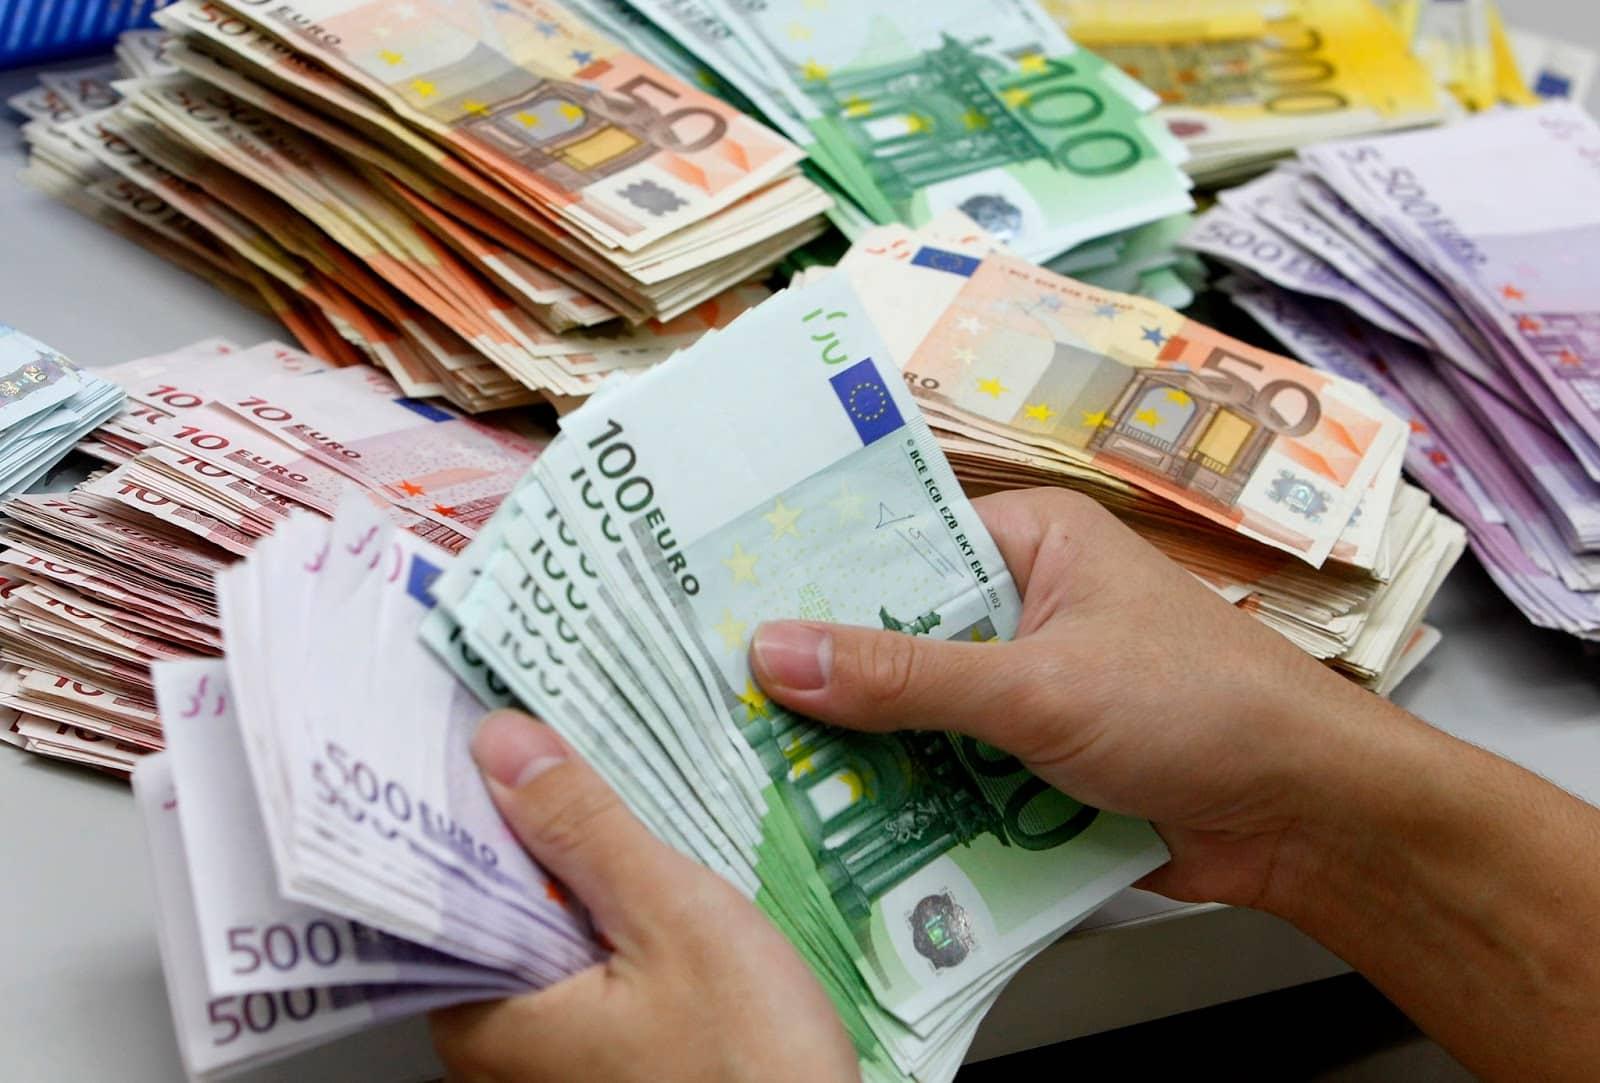 Contando euros